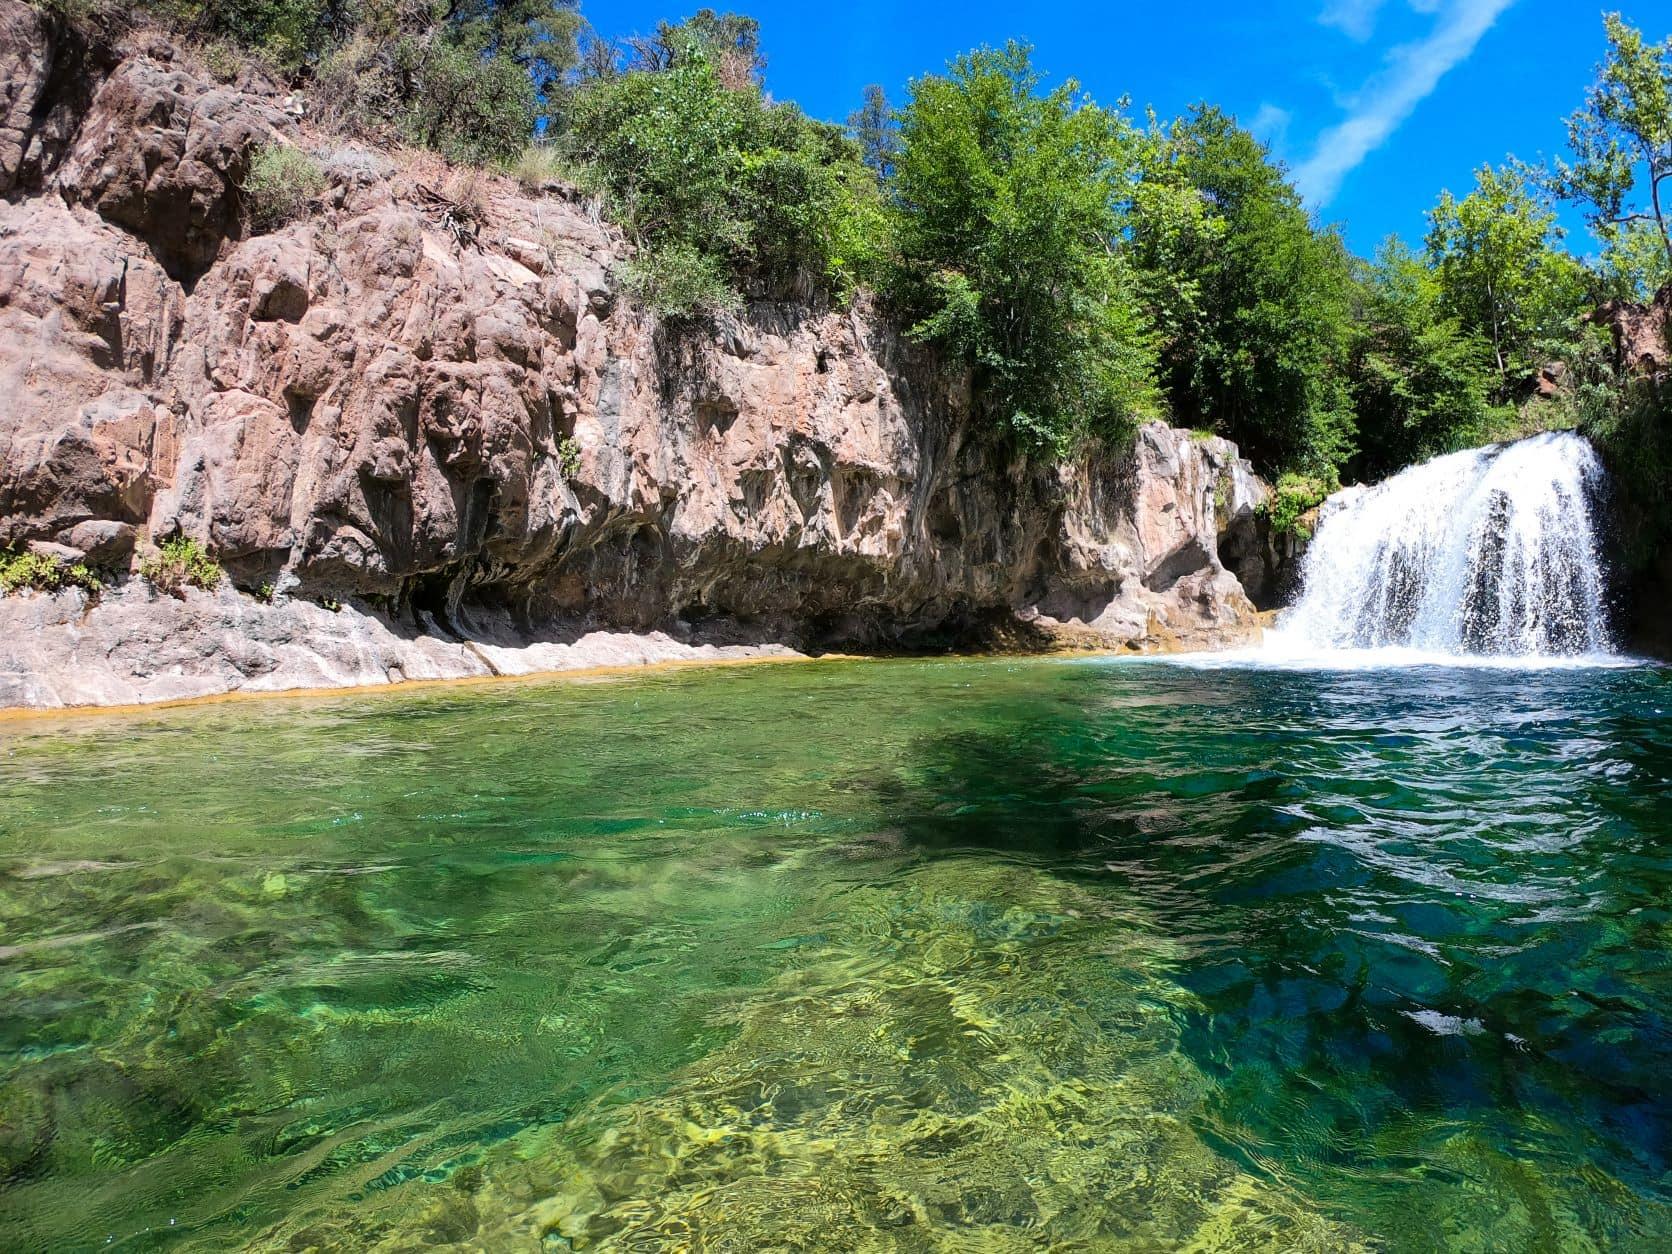 Wasserfall in Fossil Creek